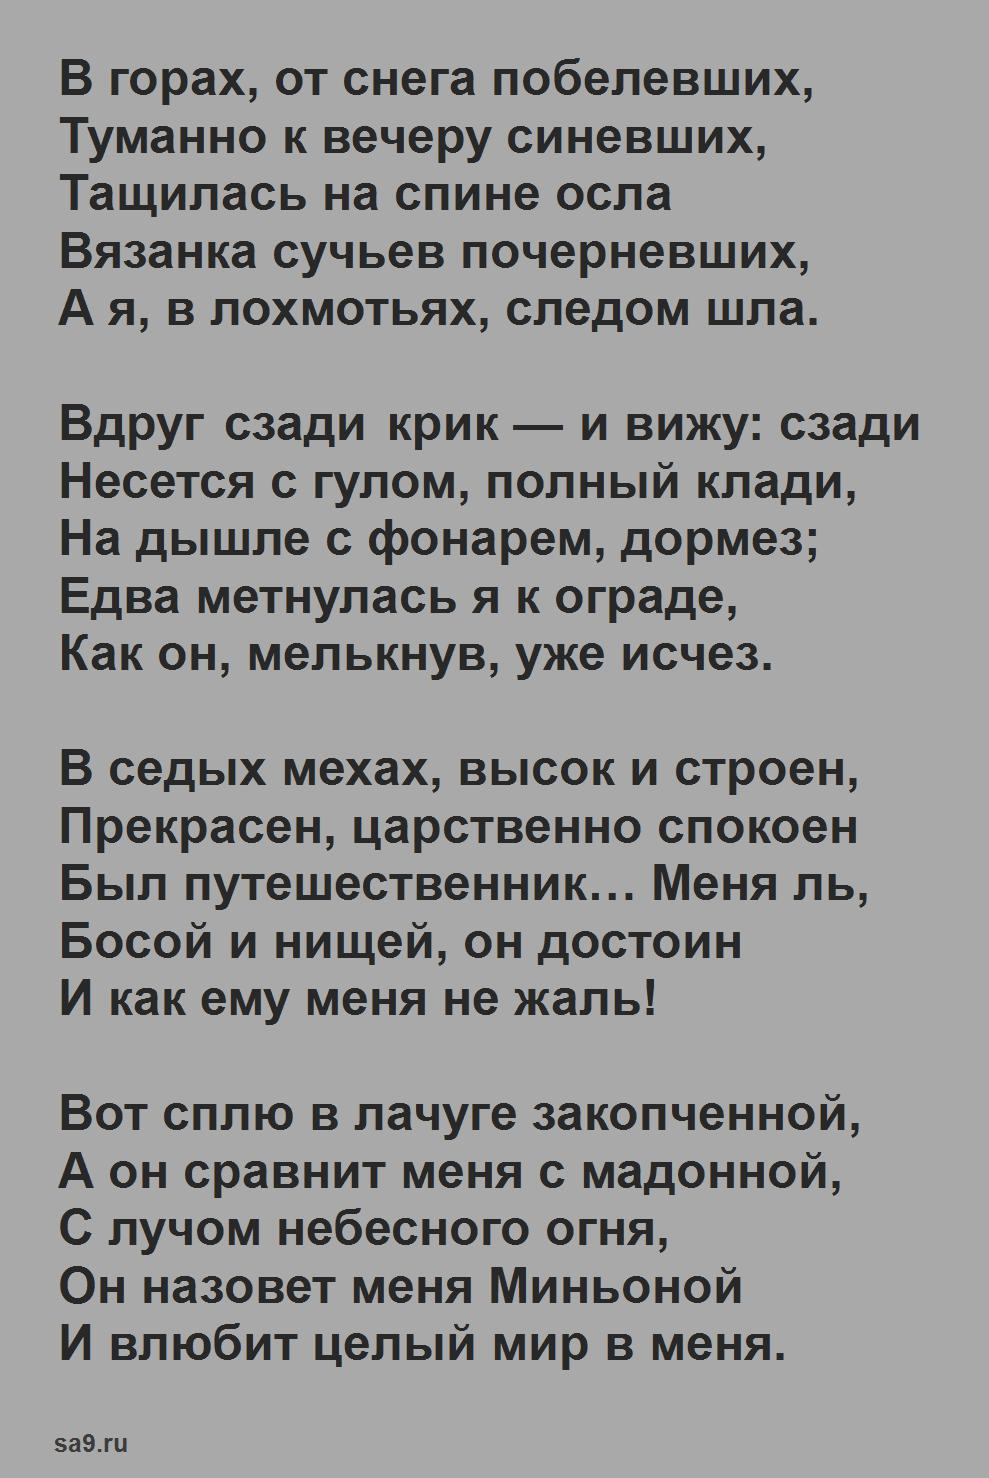 Лучшие стихи Бунина - Миньона